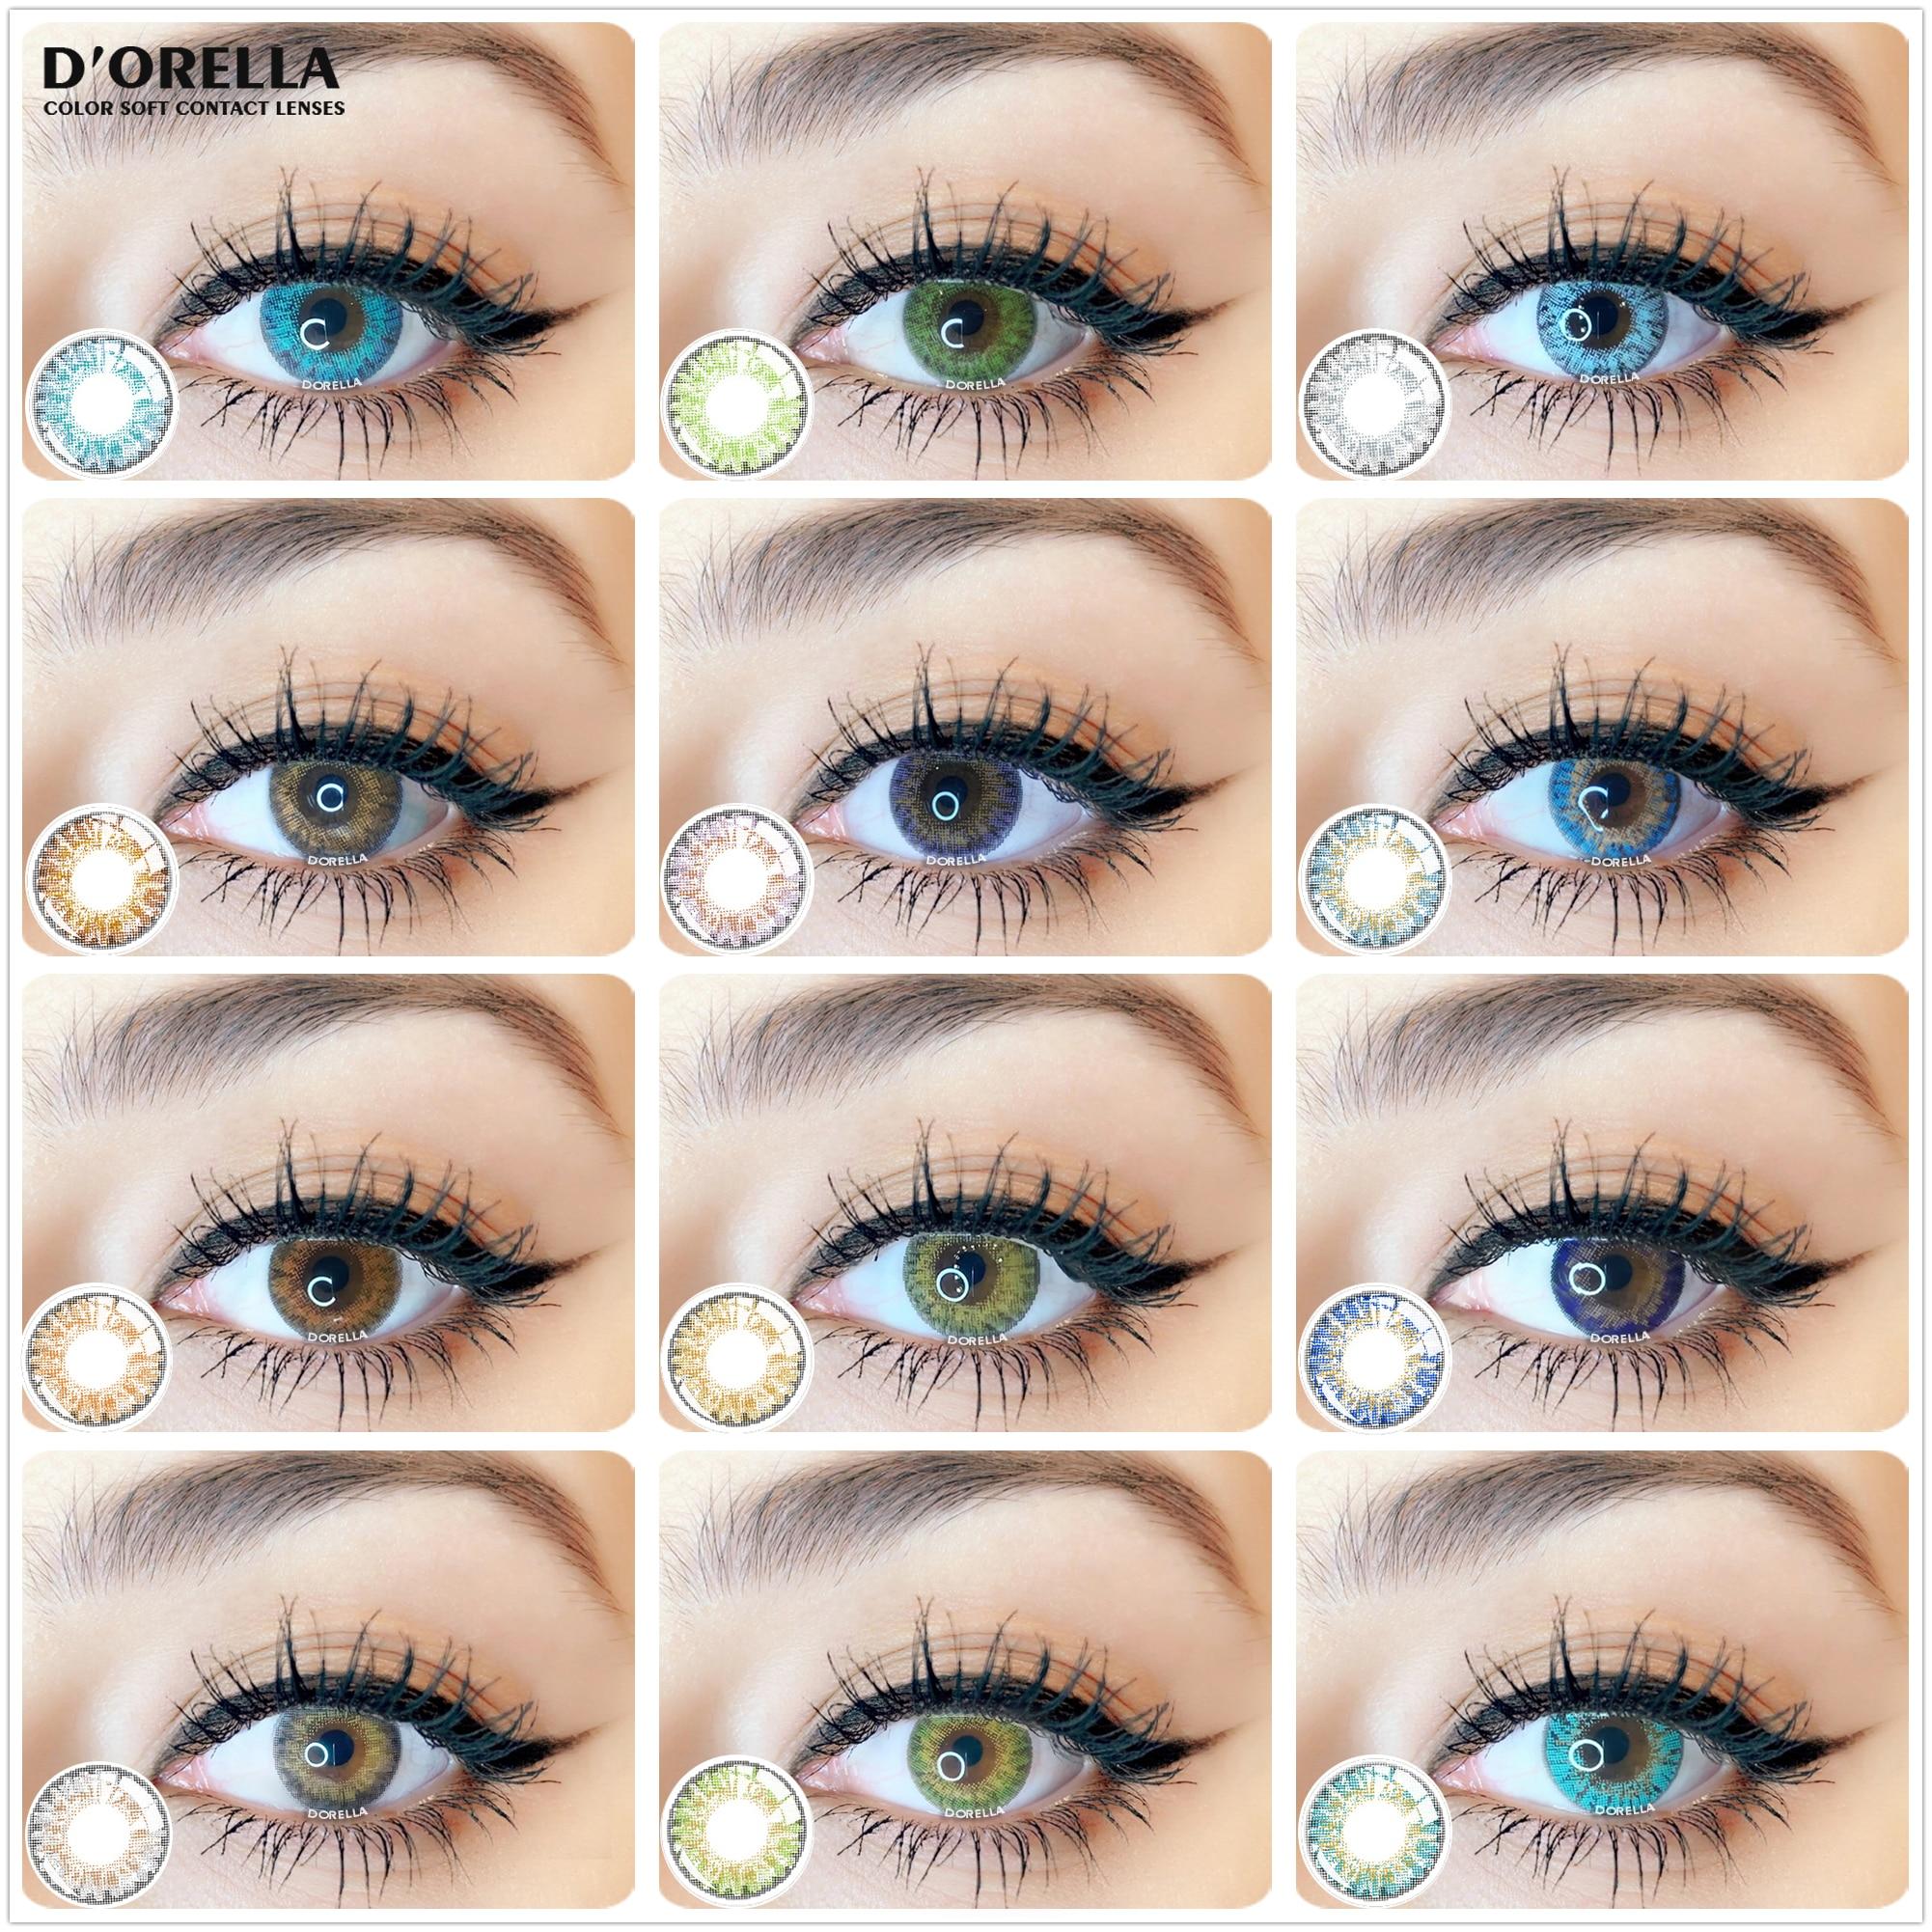 D'ORELLA комплект из 2 предметов, 3 оттенка, переходящие плавно от темного к светлому) Цвет ed контактные линзы для глаз косметический Цвет ed конта...